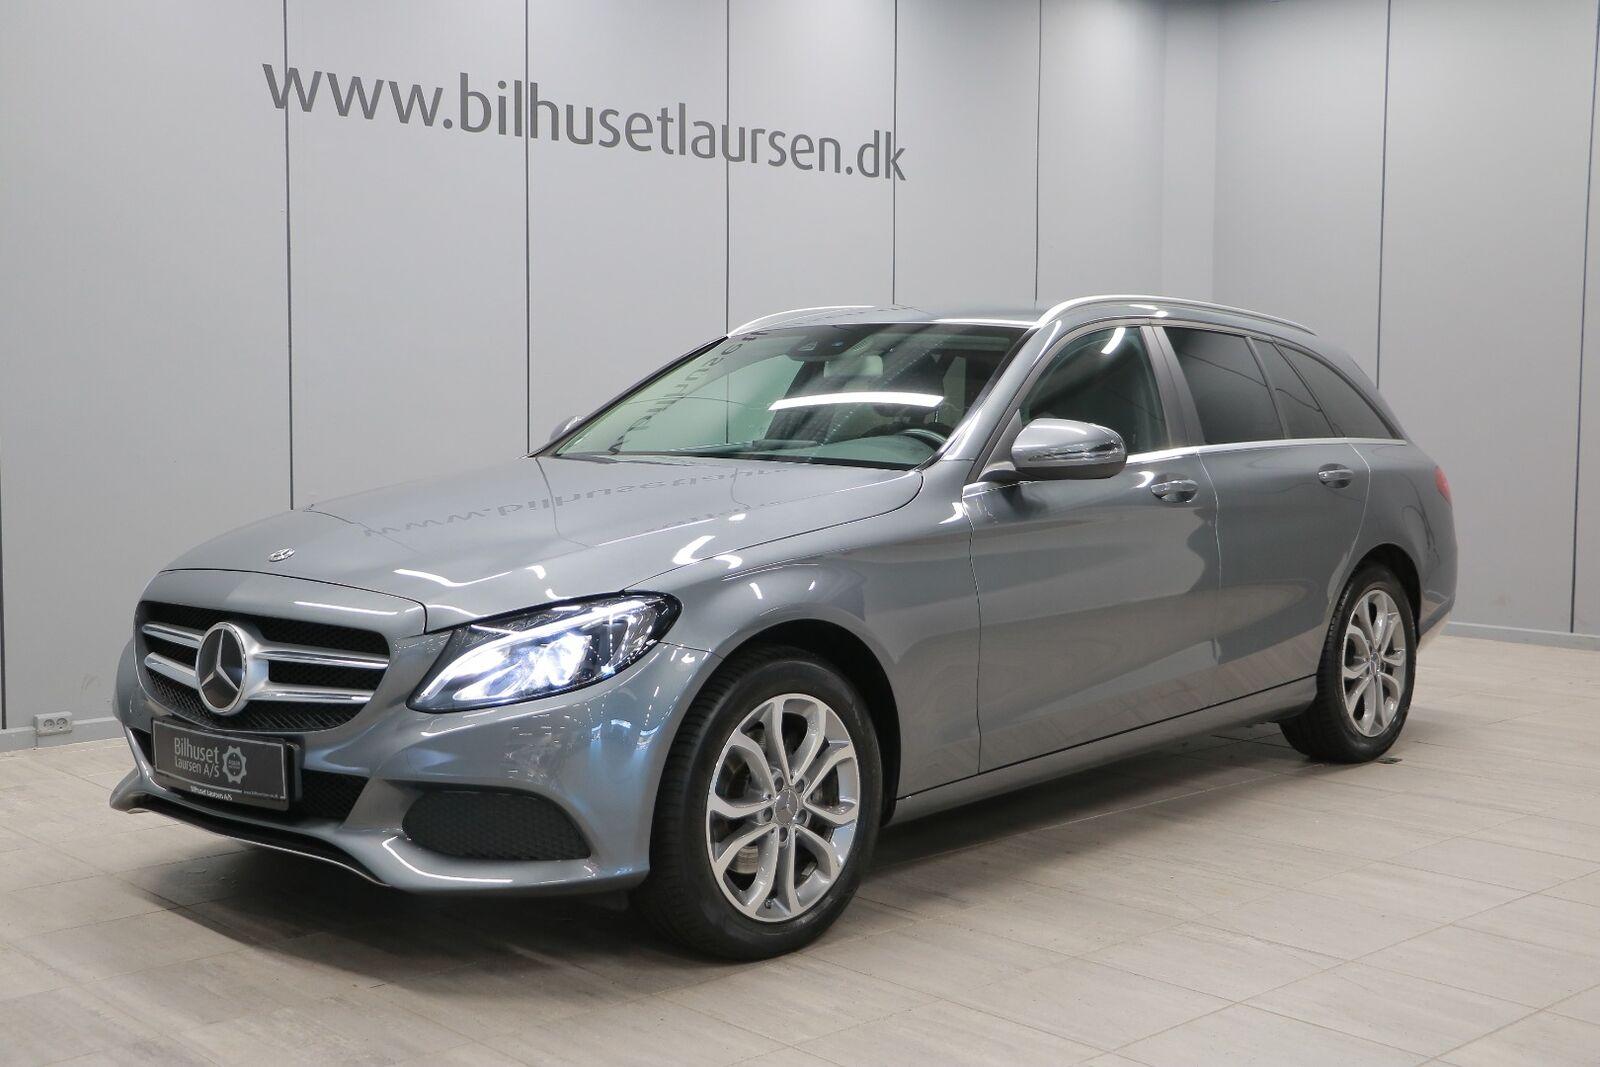 Mercedes C220 d 2,2 Business stc. aut. 5d - 347.900 kr.